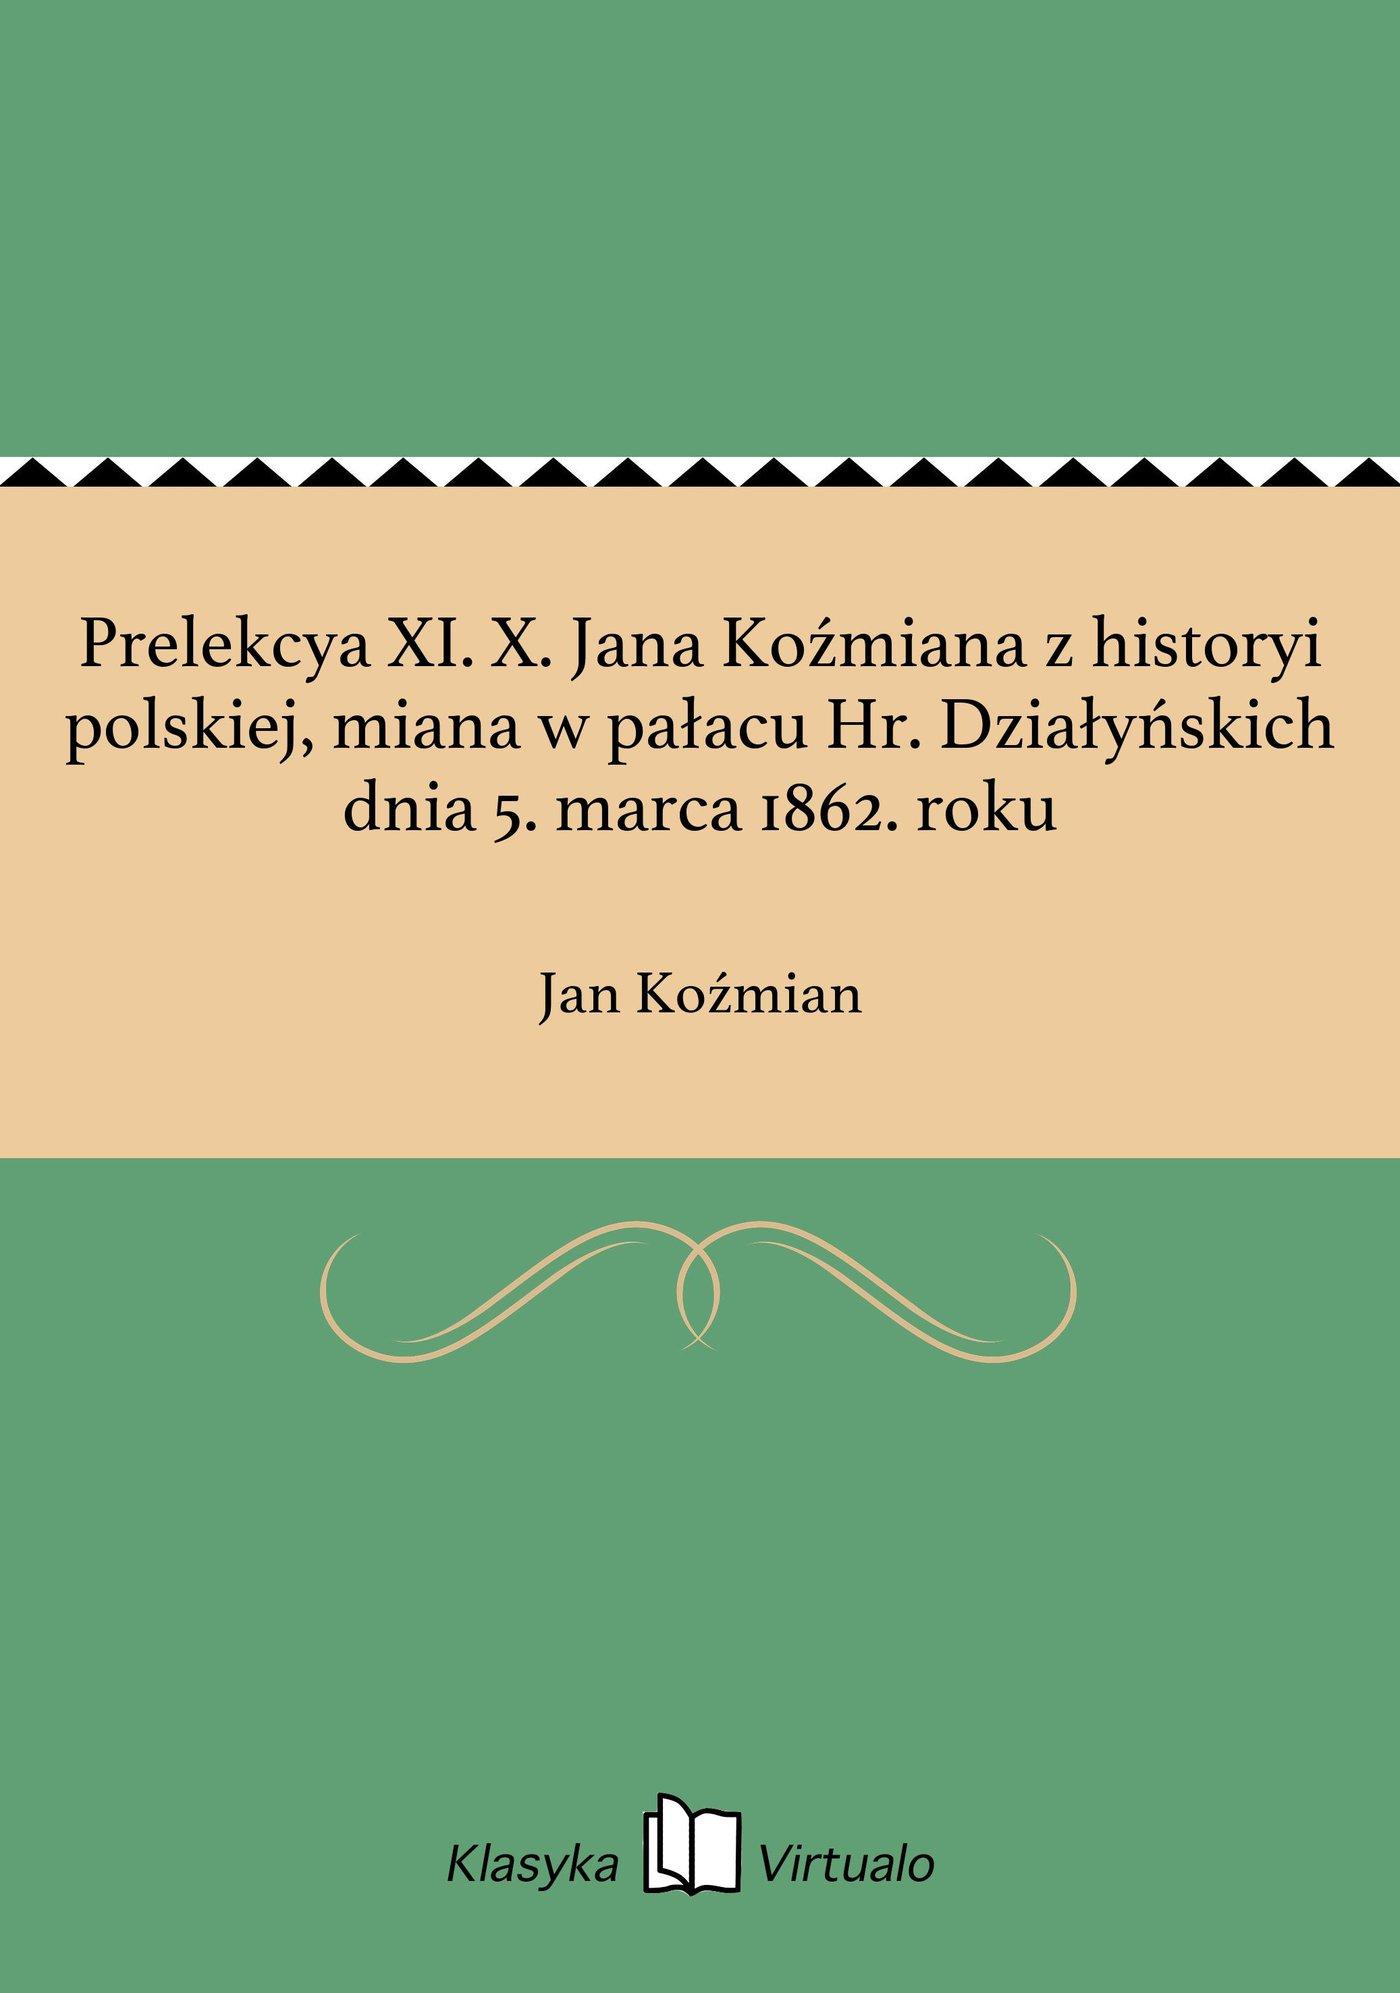 Prelekcya XI. X. Jana Koźmiana z historyi polskiej, miana w pałacu Hr. Działyńskich dnia 5. marca 1862. roku - Ebook (Książka EPUB) do pobrania w formacie EPUB